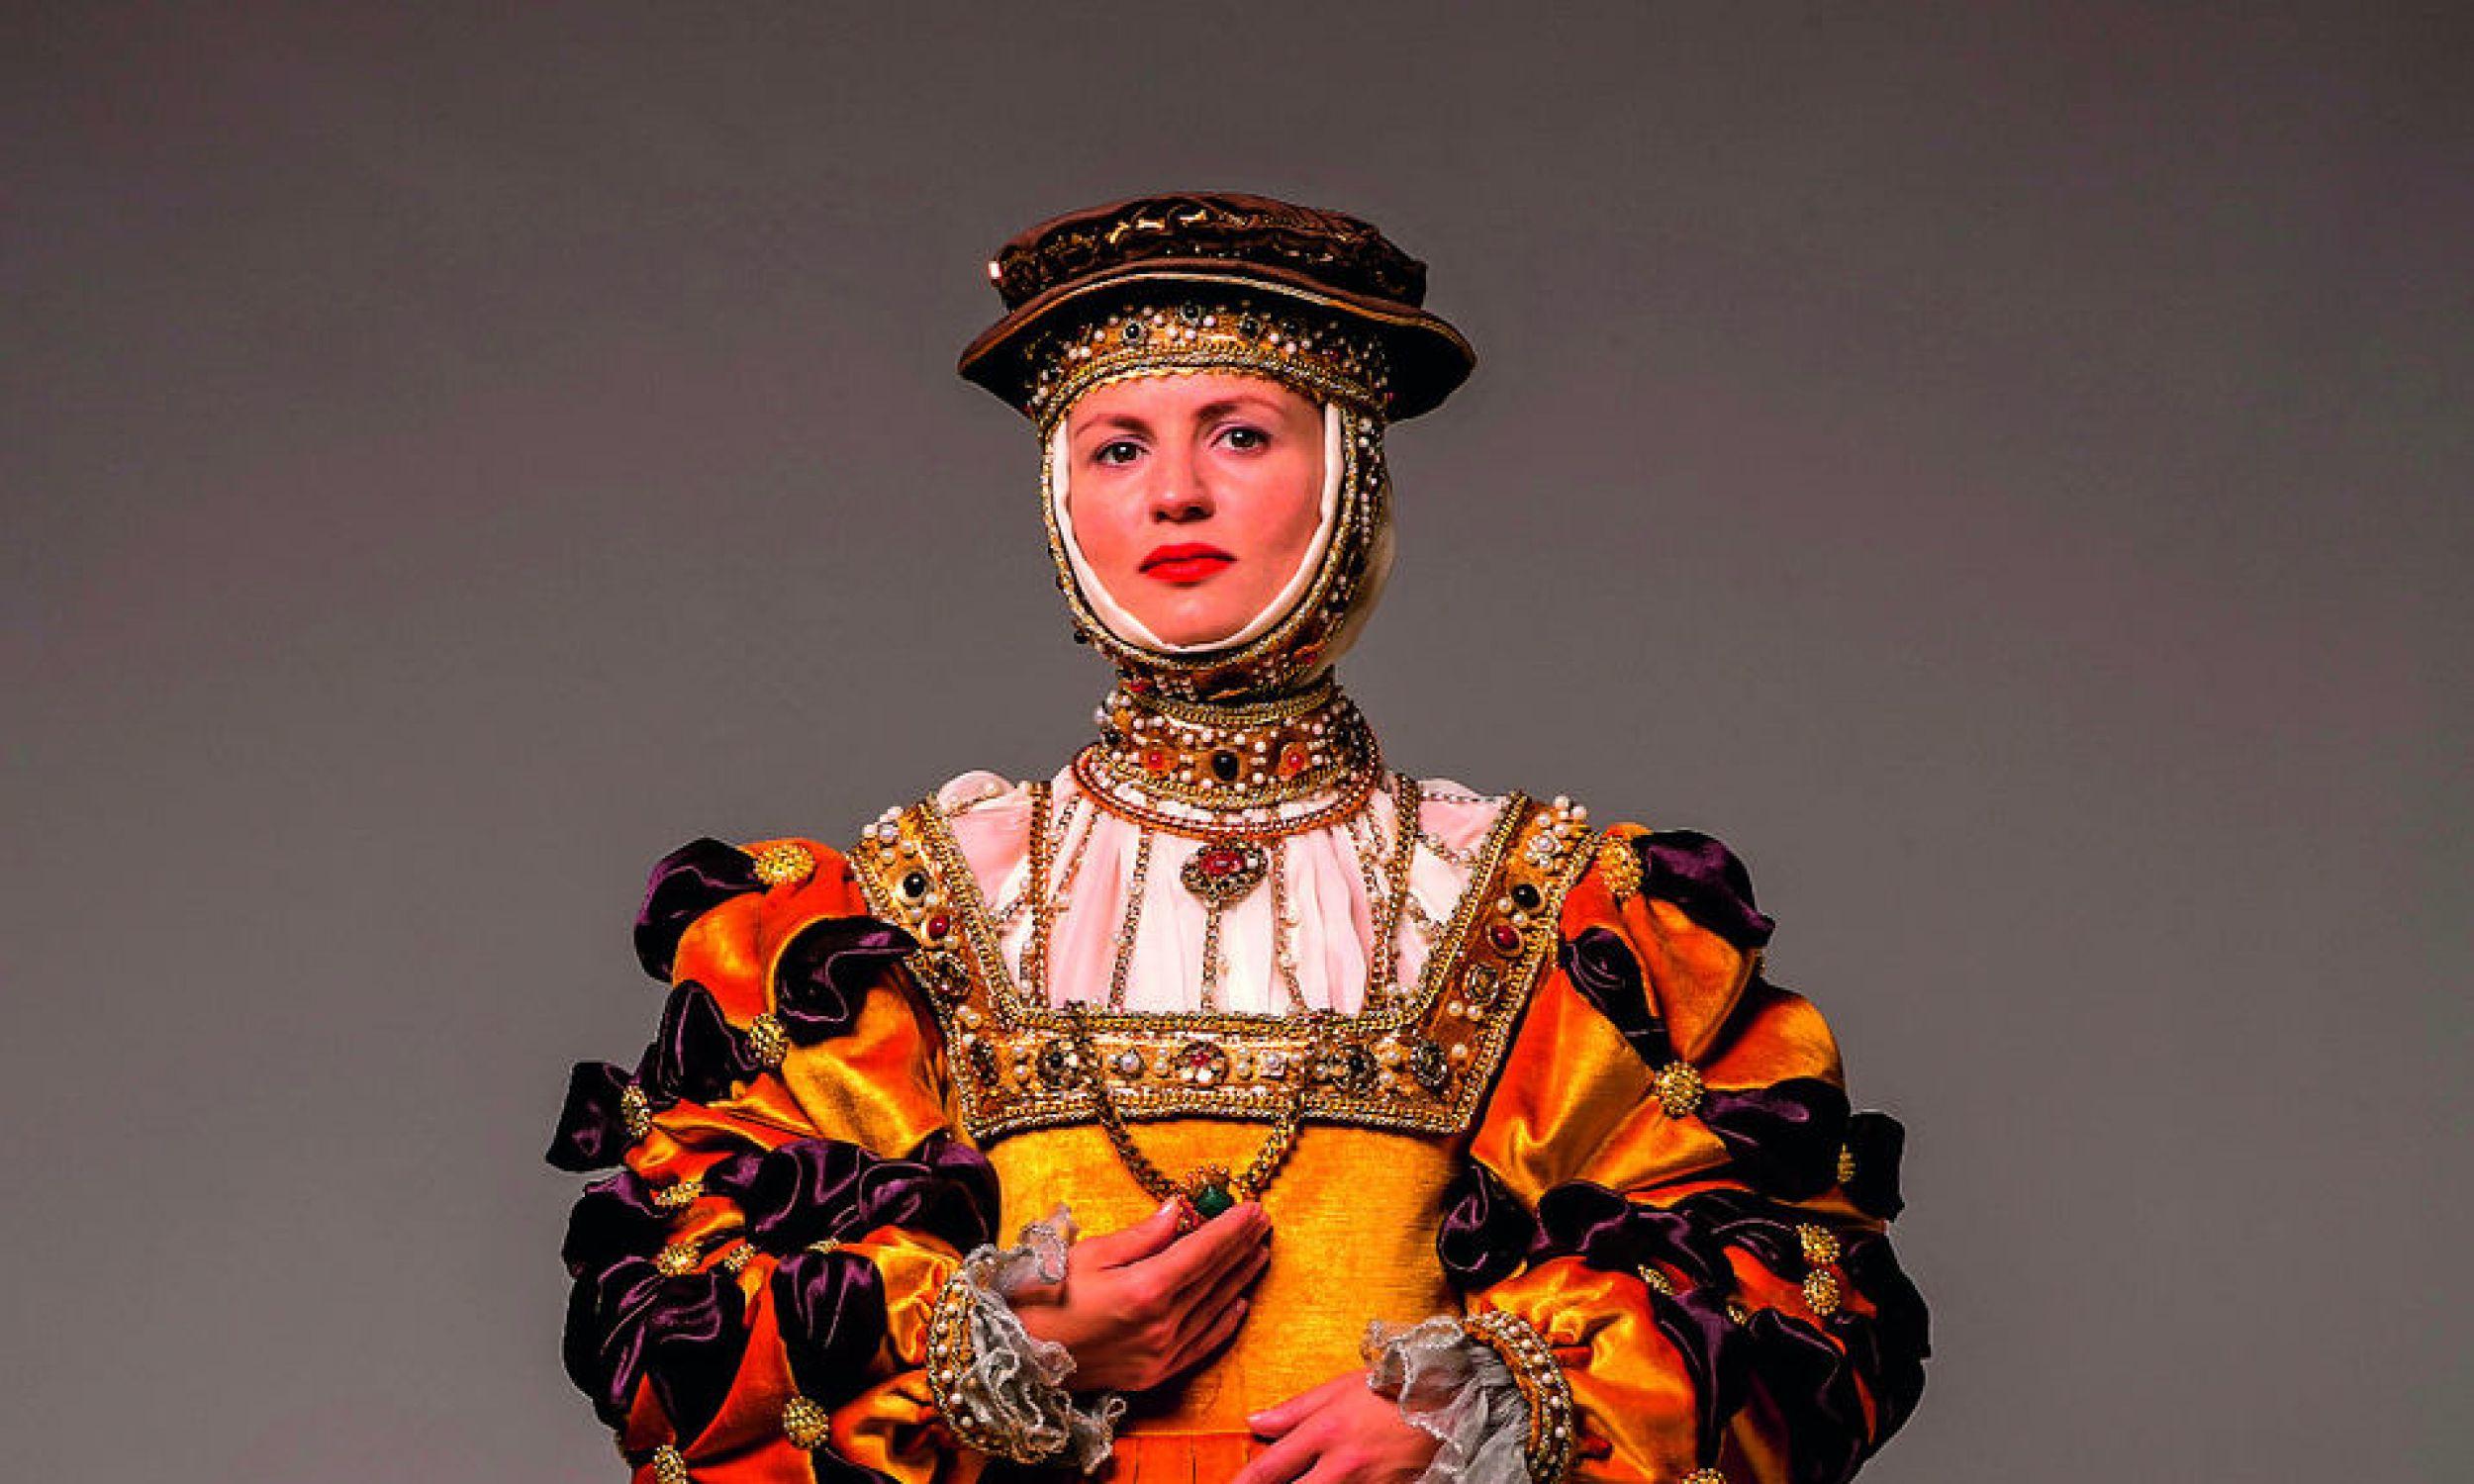 Suknia Barbary Radziwiłłówny, połowa XVI wieku. Na pokazie dr Marii Molendy na Wawelu 24 lipca 2021 r. będzie też można zobaczyć tę suknię, jak i stroje męża Barbary, króla Zygmunta Augusta. Król lubował się w strojach. W jego garderobie były różne rodzaje wierzchnich okryć, np. delie, żupany, hazuki, szuby – wiele podszytych futrem. Fot. Archiwum Fundacji Nomina Rosae